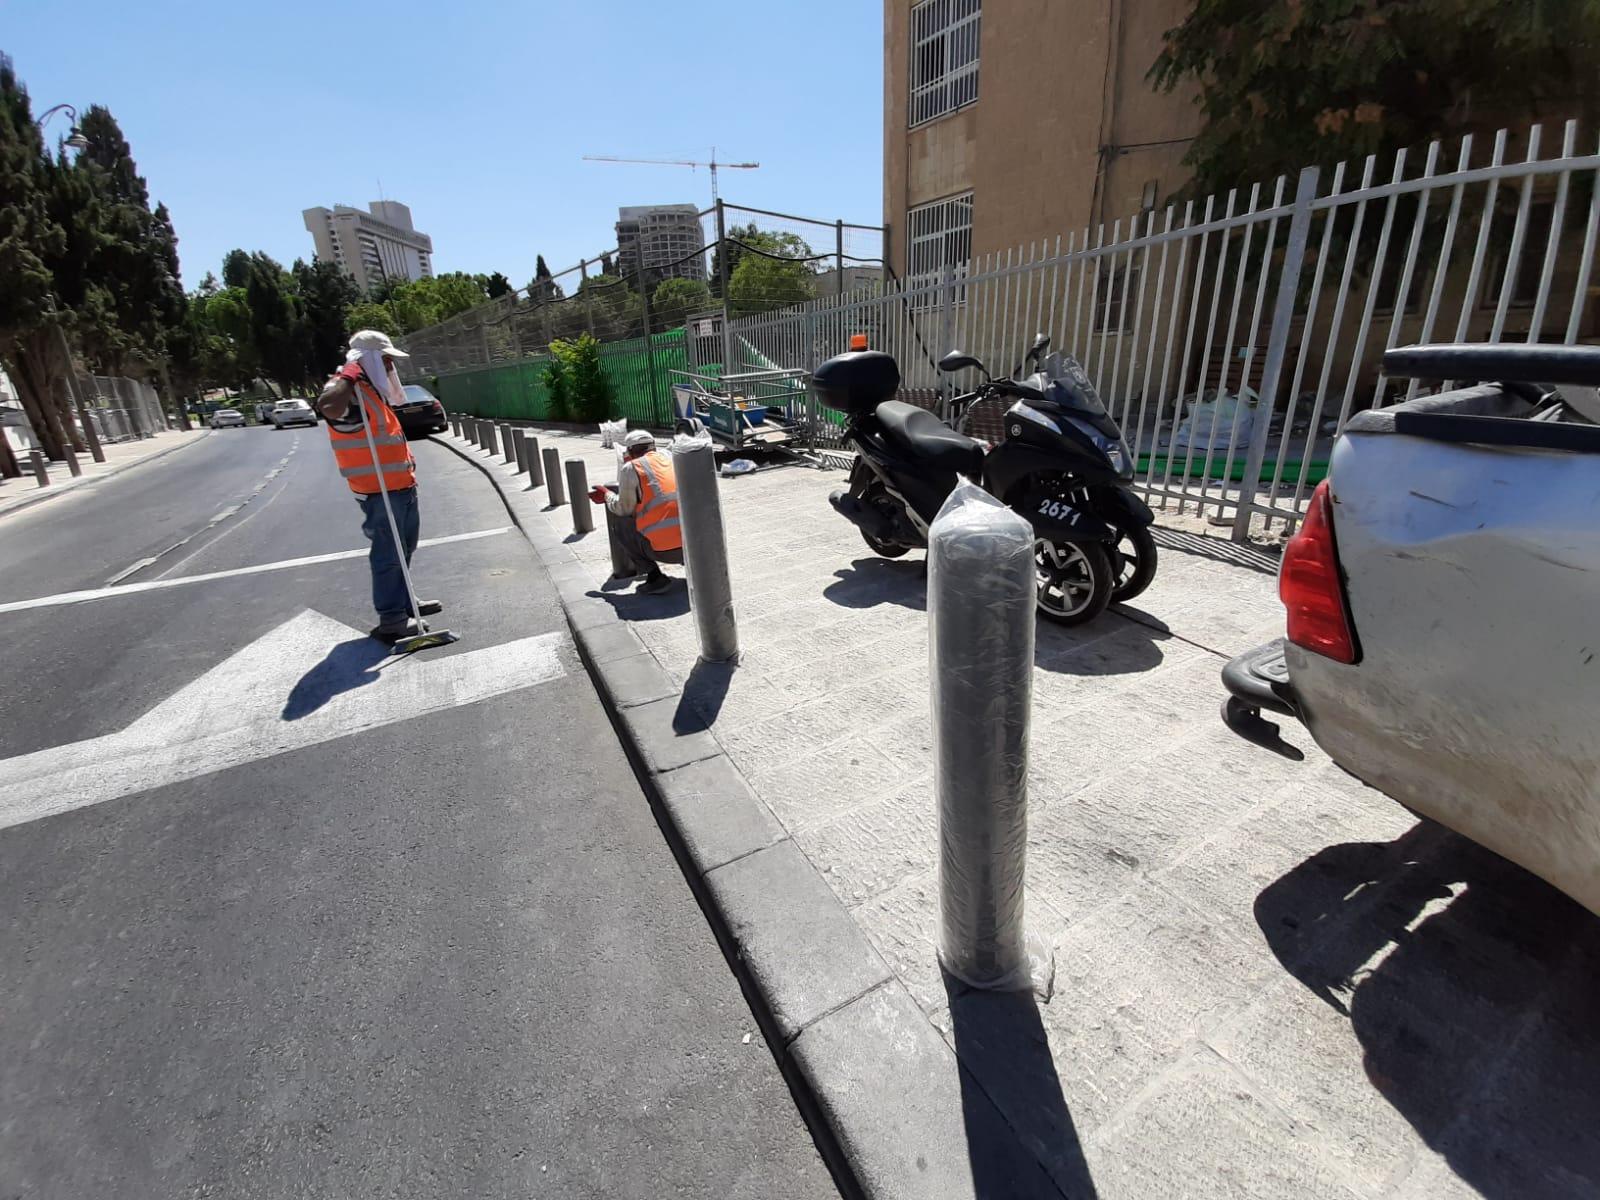 עמודי בטיחות במרכז העיר (צילום: נתנאל ולנסי)